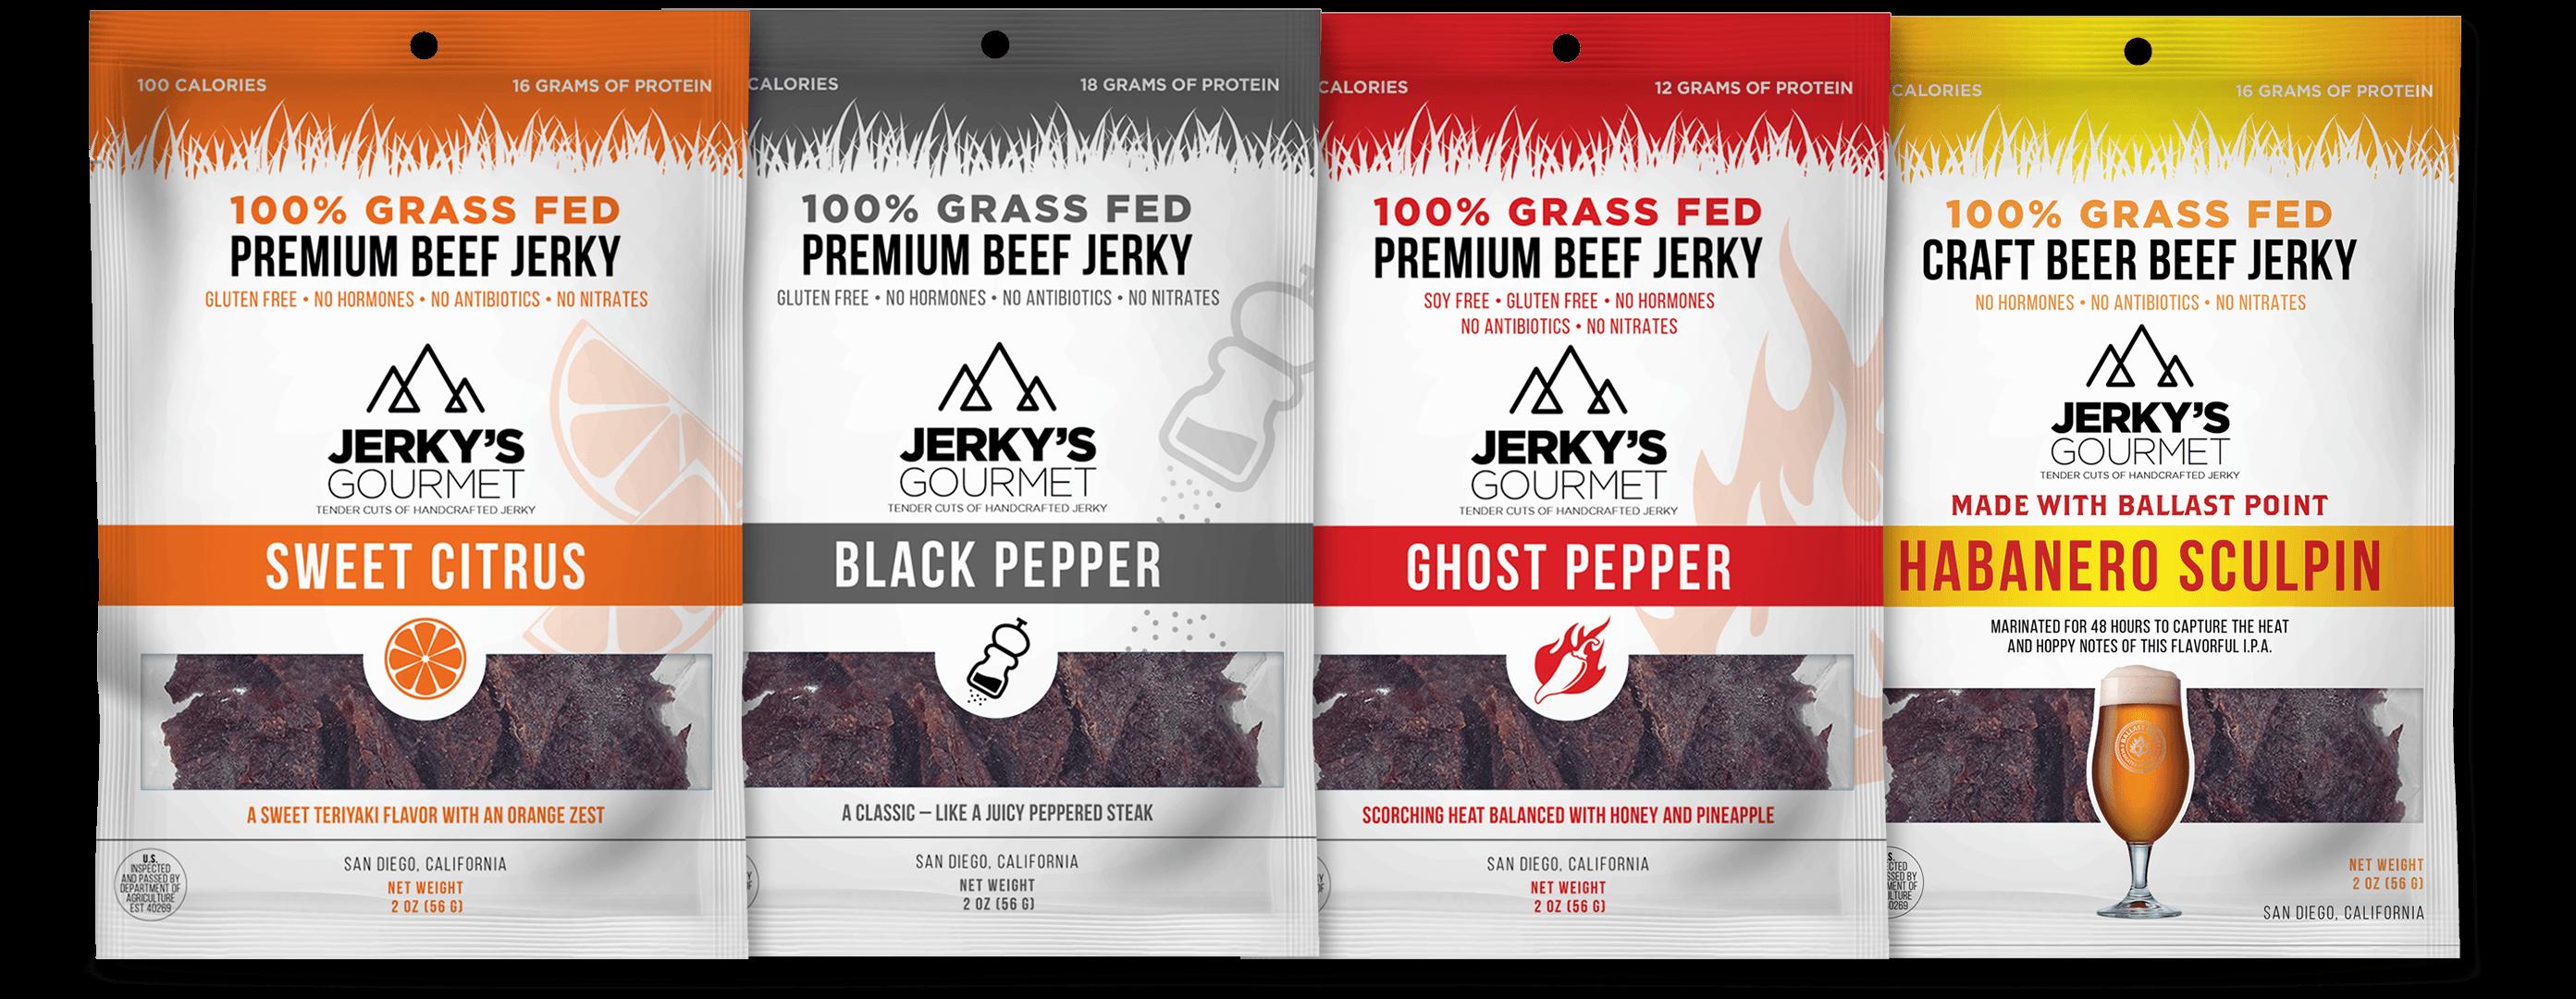 beef jerky brands